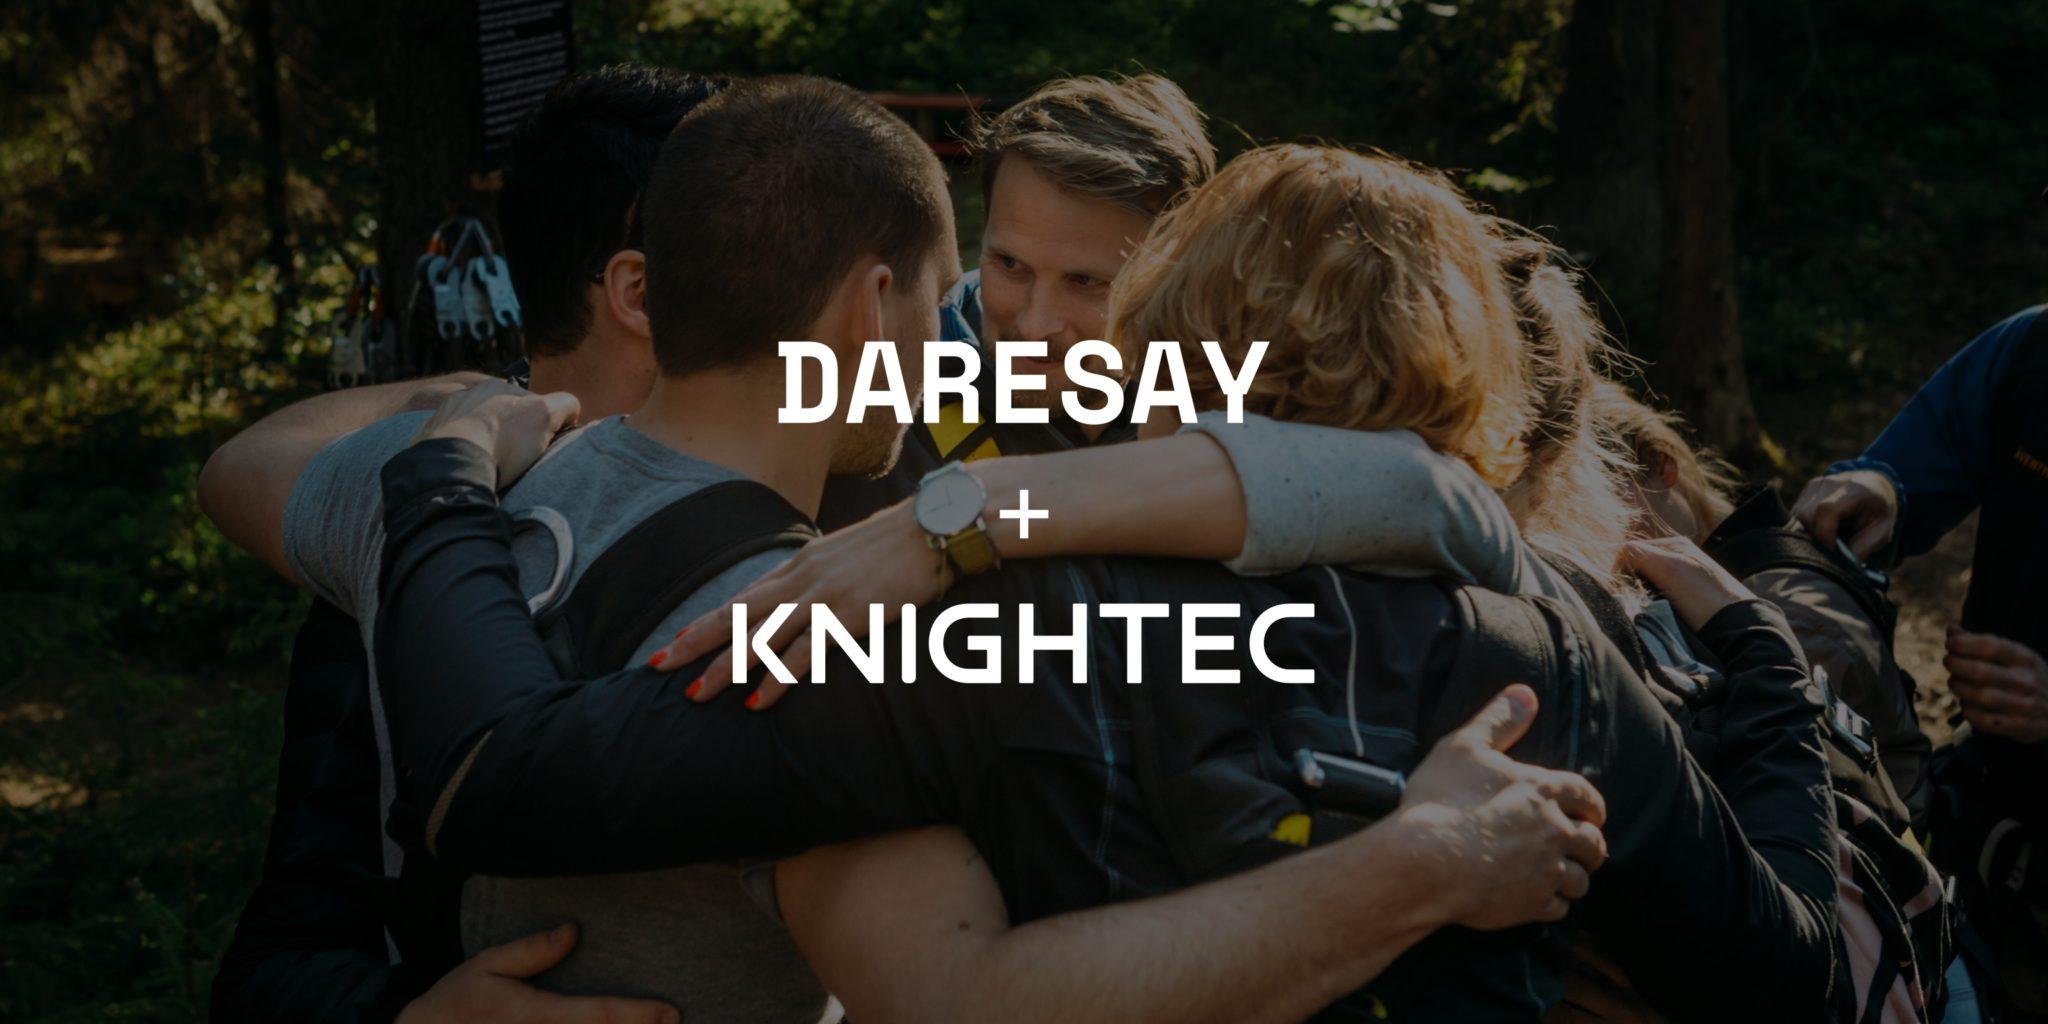 Daresay + Knightec